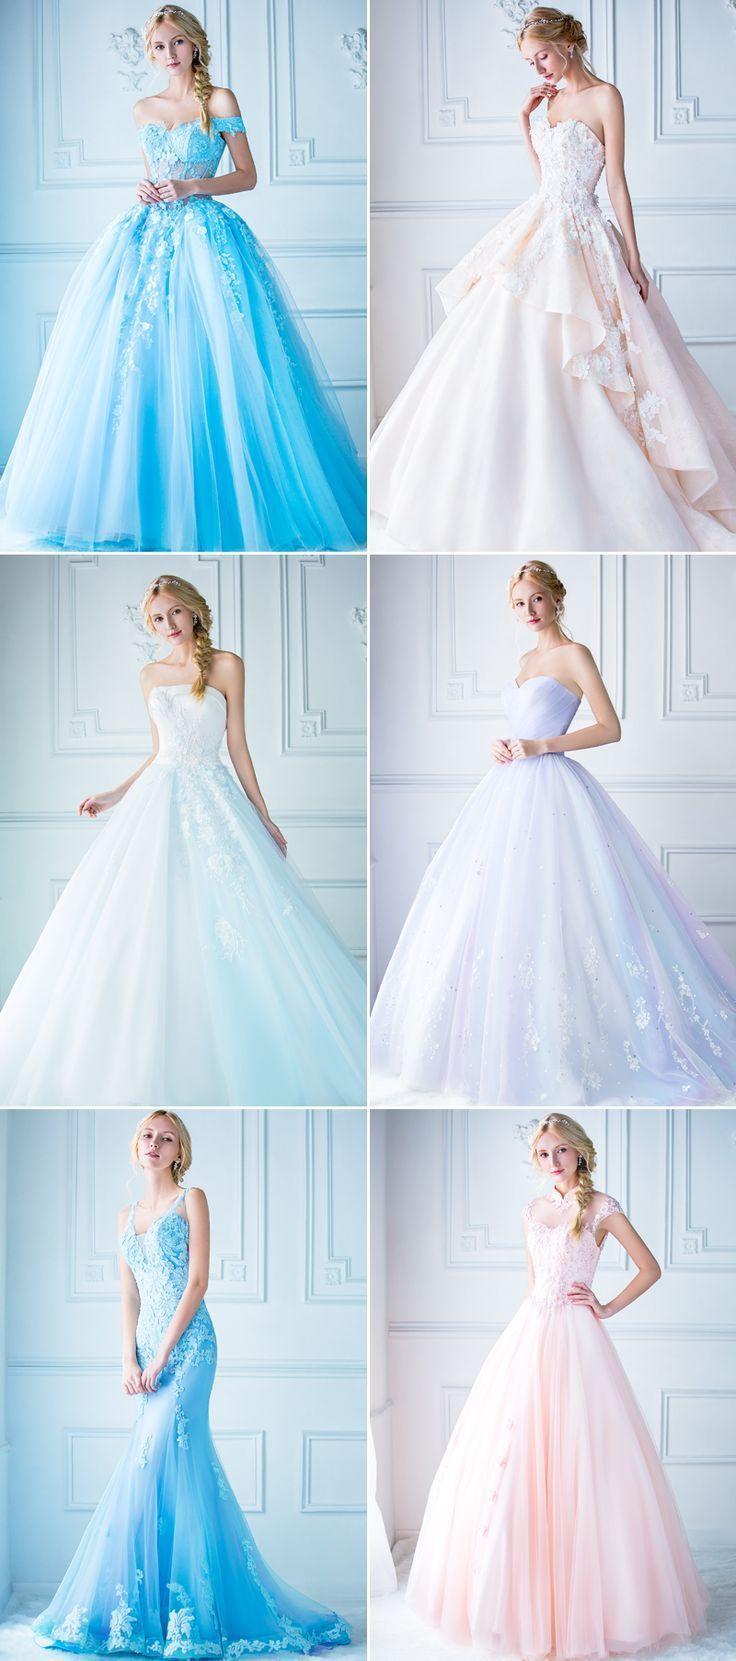 13 Wundervoll romantisch schöne Prinzessin Kleider für